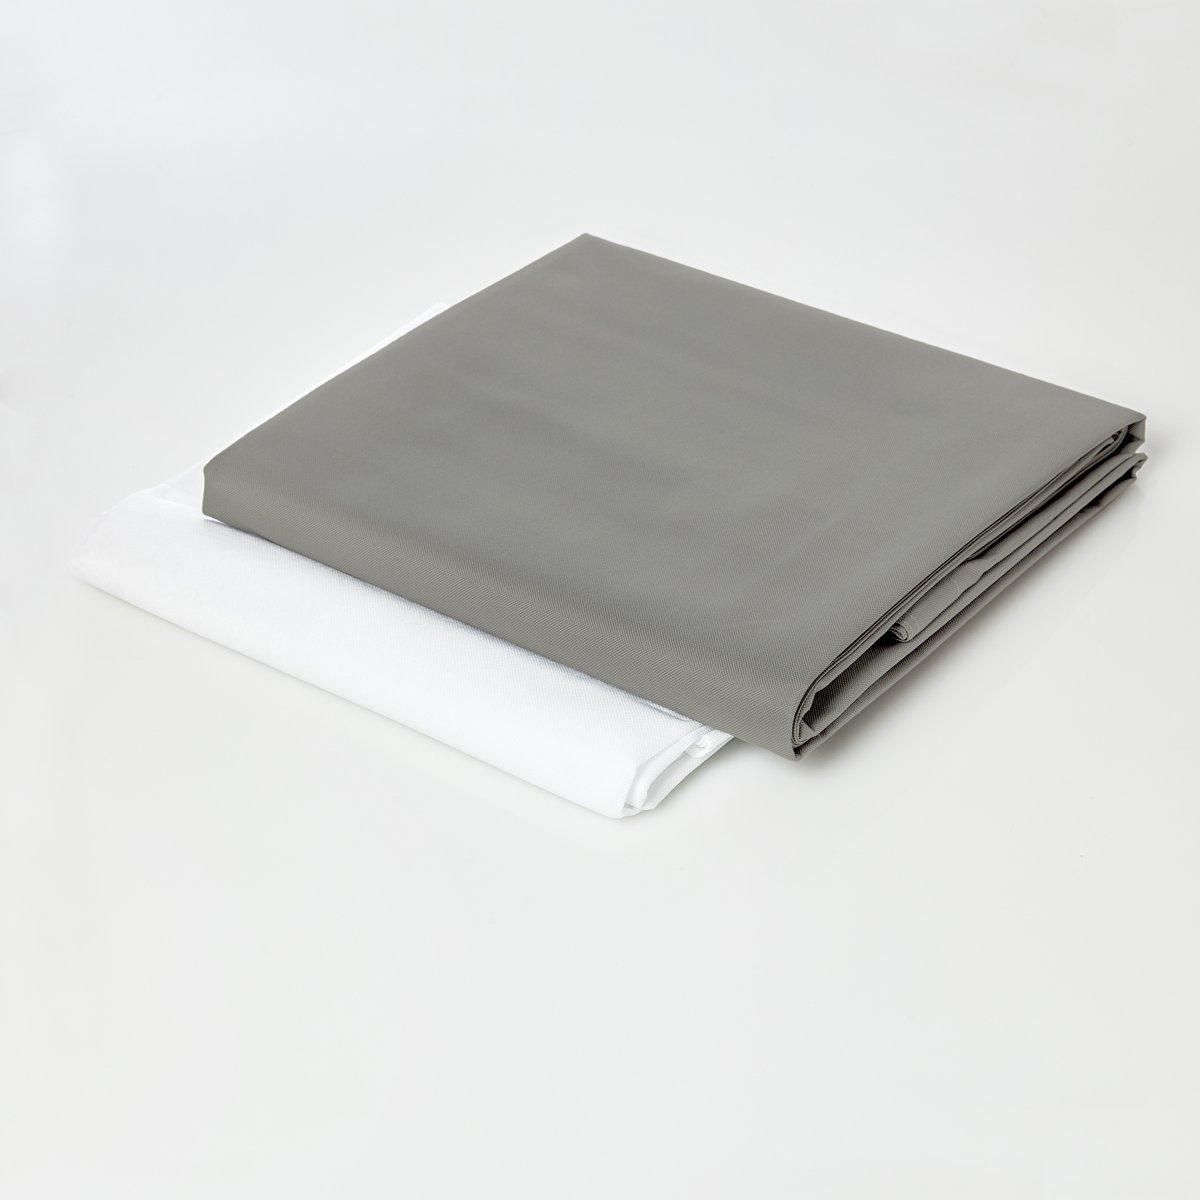 Lumaland - Hoes van luxe XXL zitzak - enkel de hoes zonder vulling - Volume 380 liter - 140 x 180 cm - gemaakt van PVC / Polyester - Zilvergrijs kopen